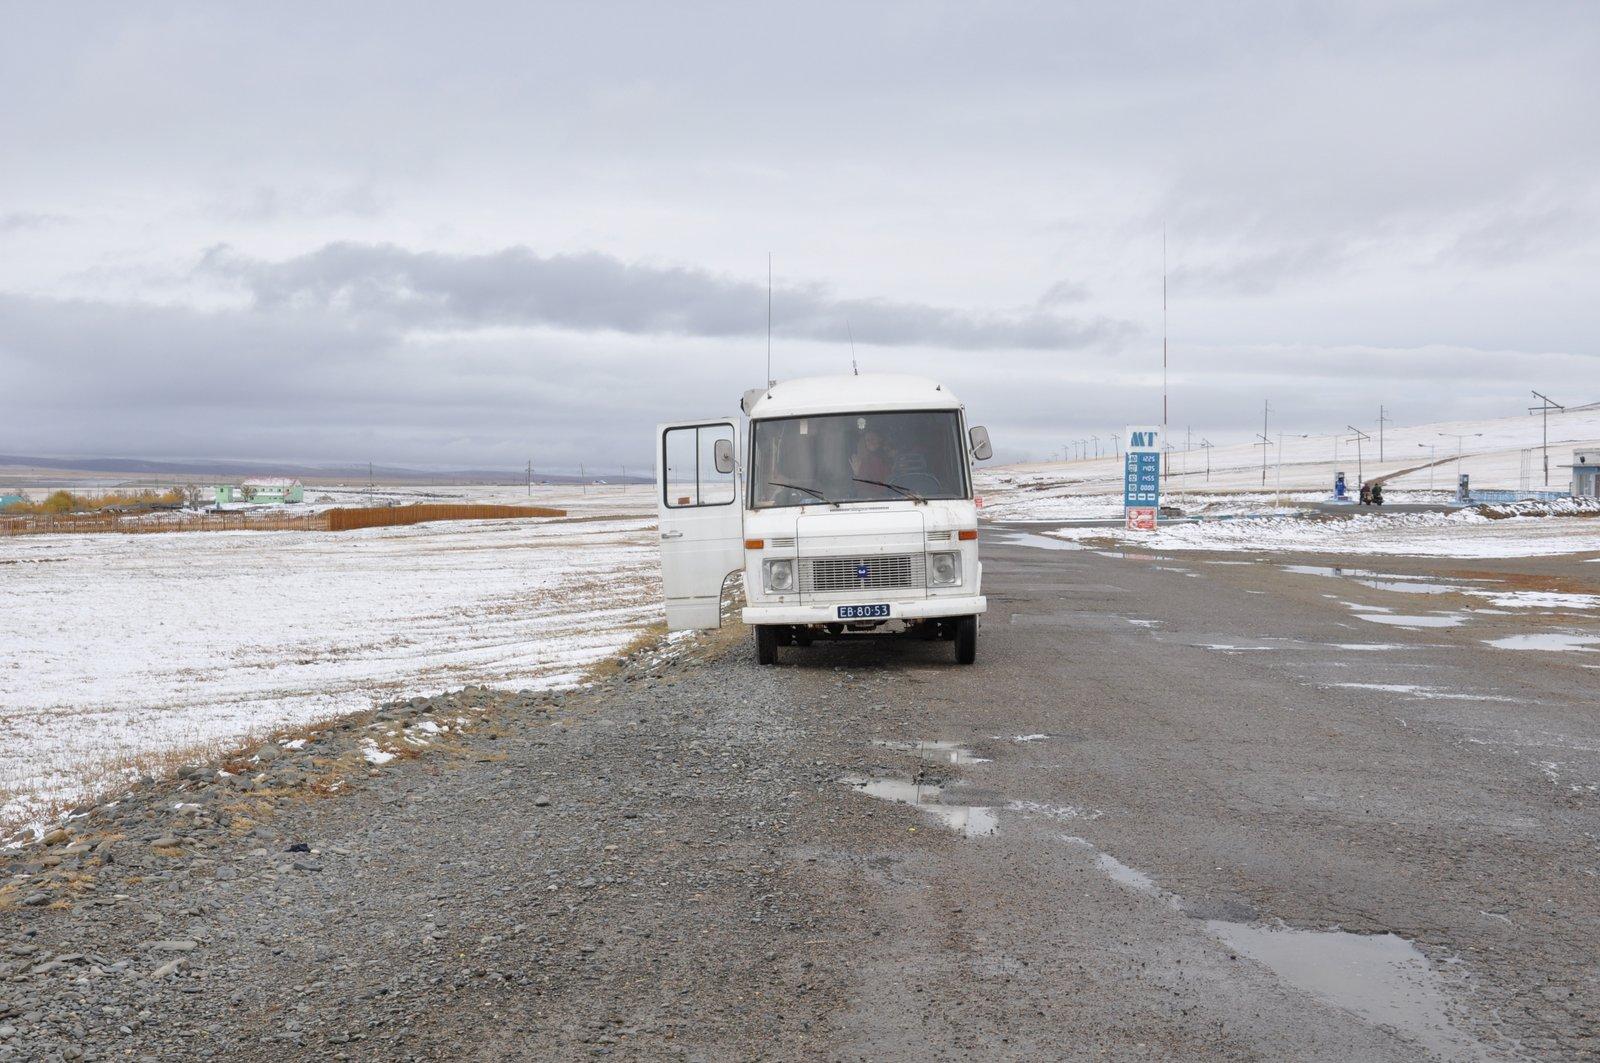 Notre van sur les routes enneigées de Mongolie